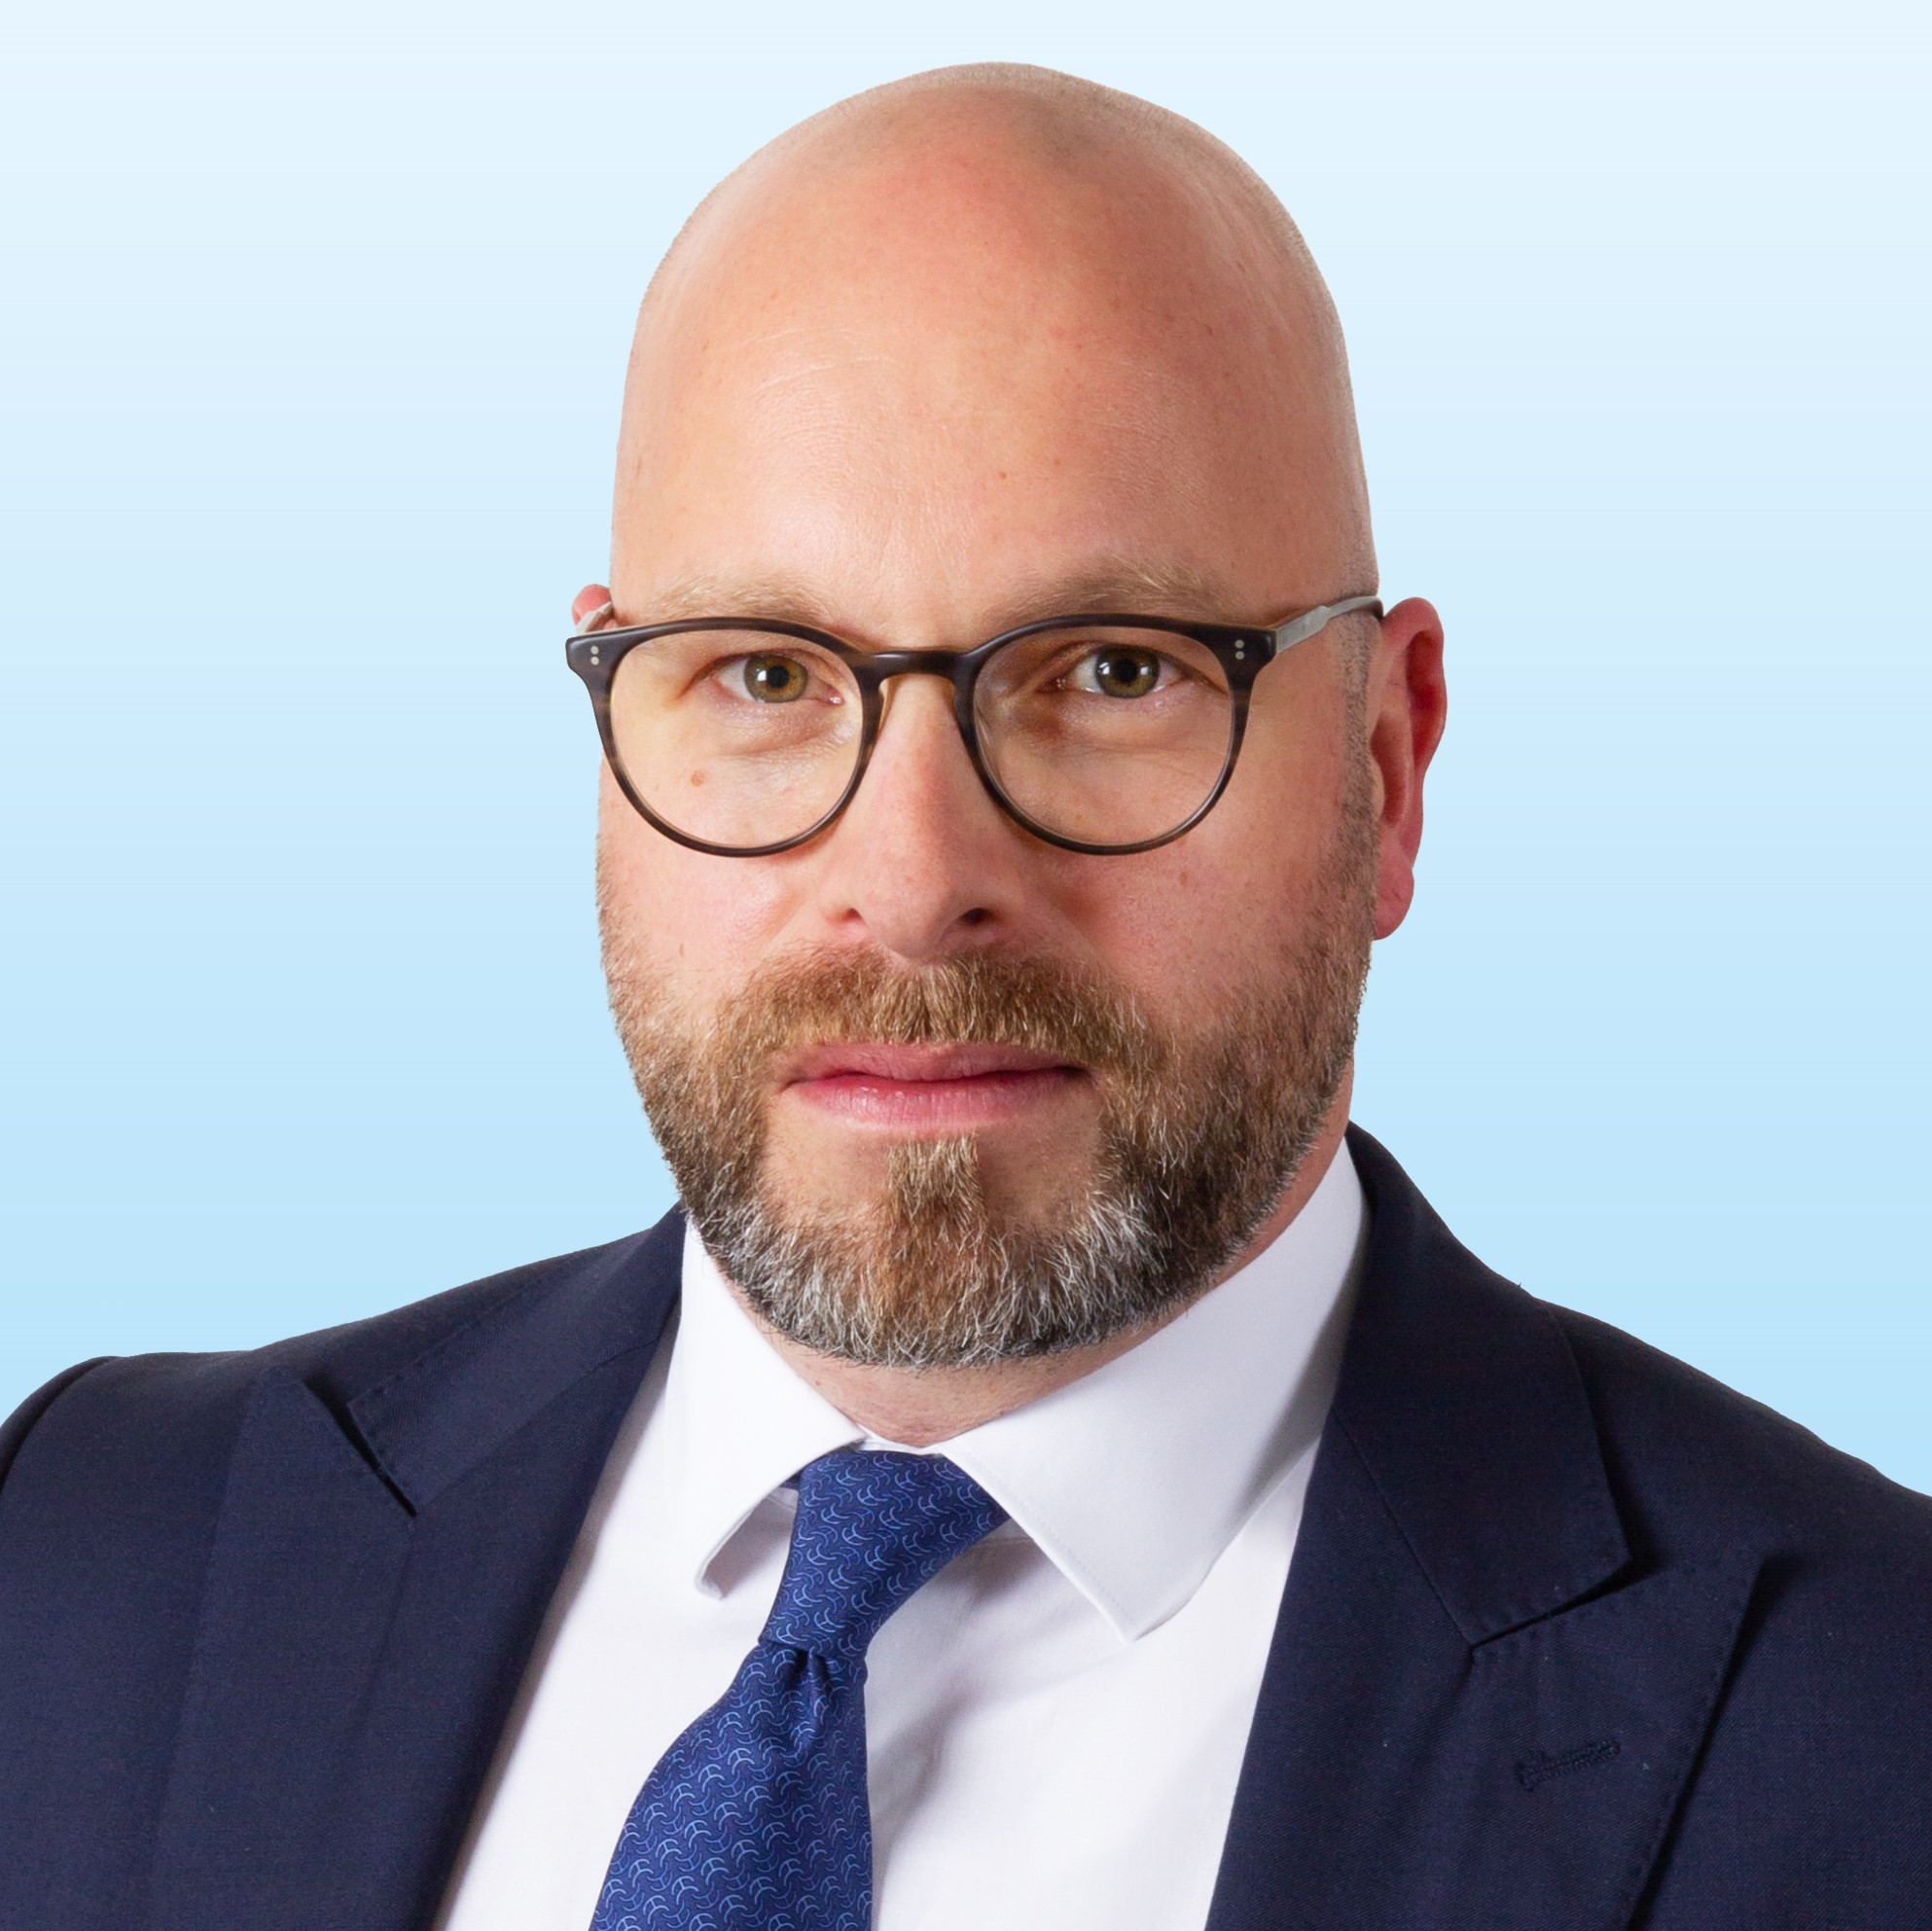 David Poremba